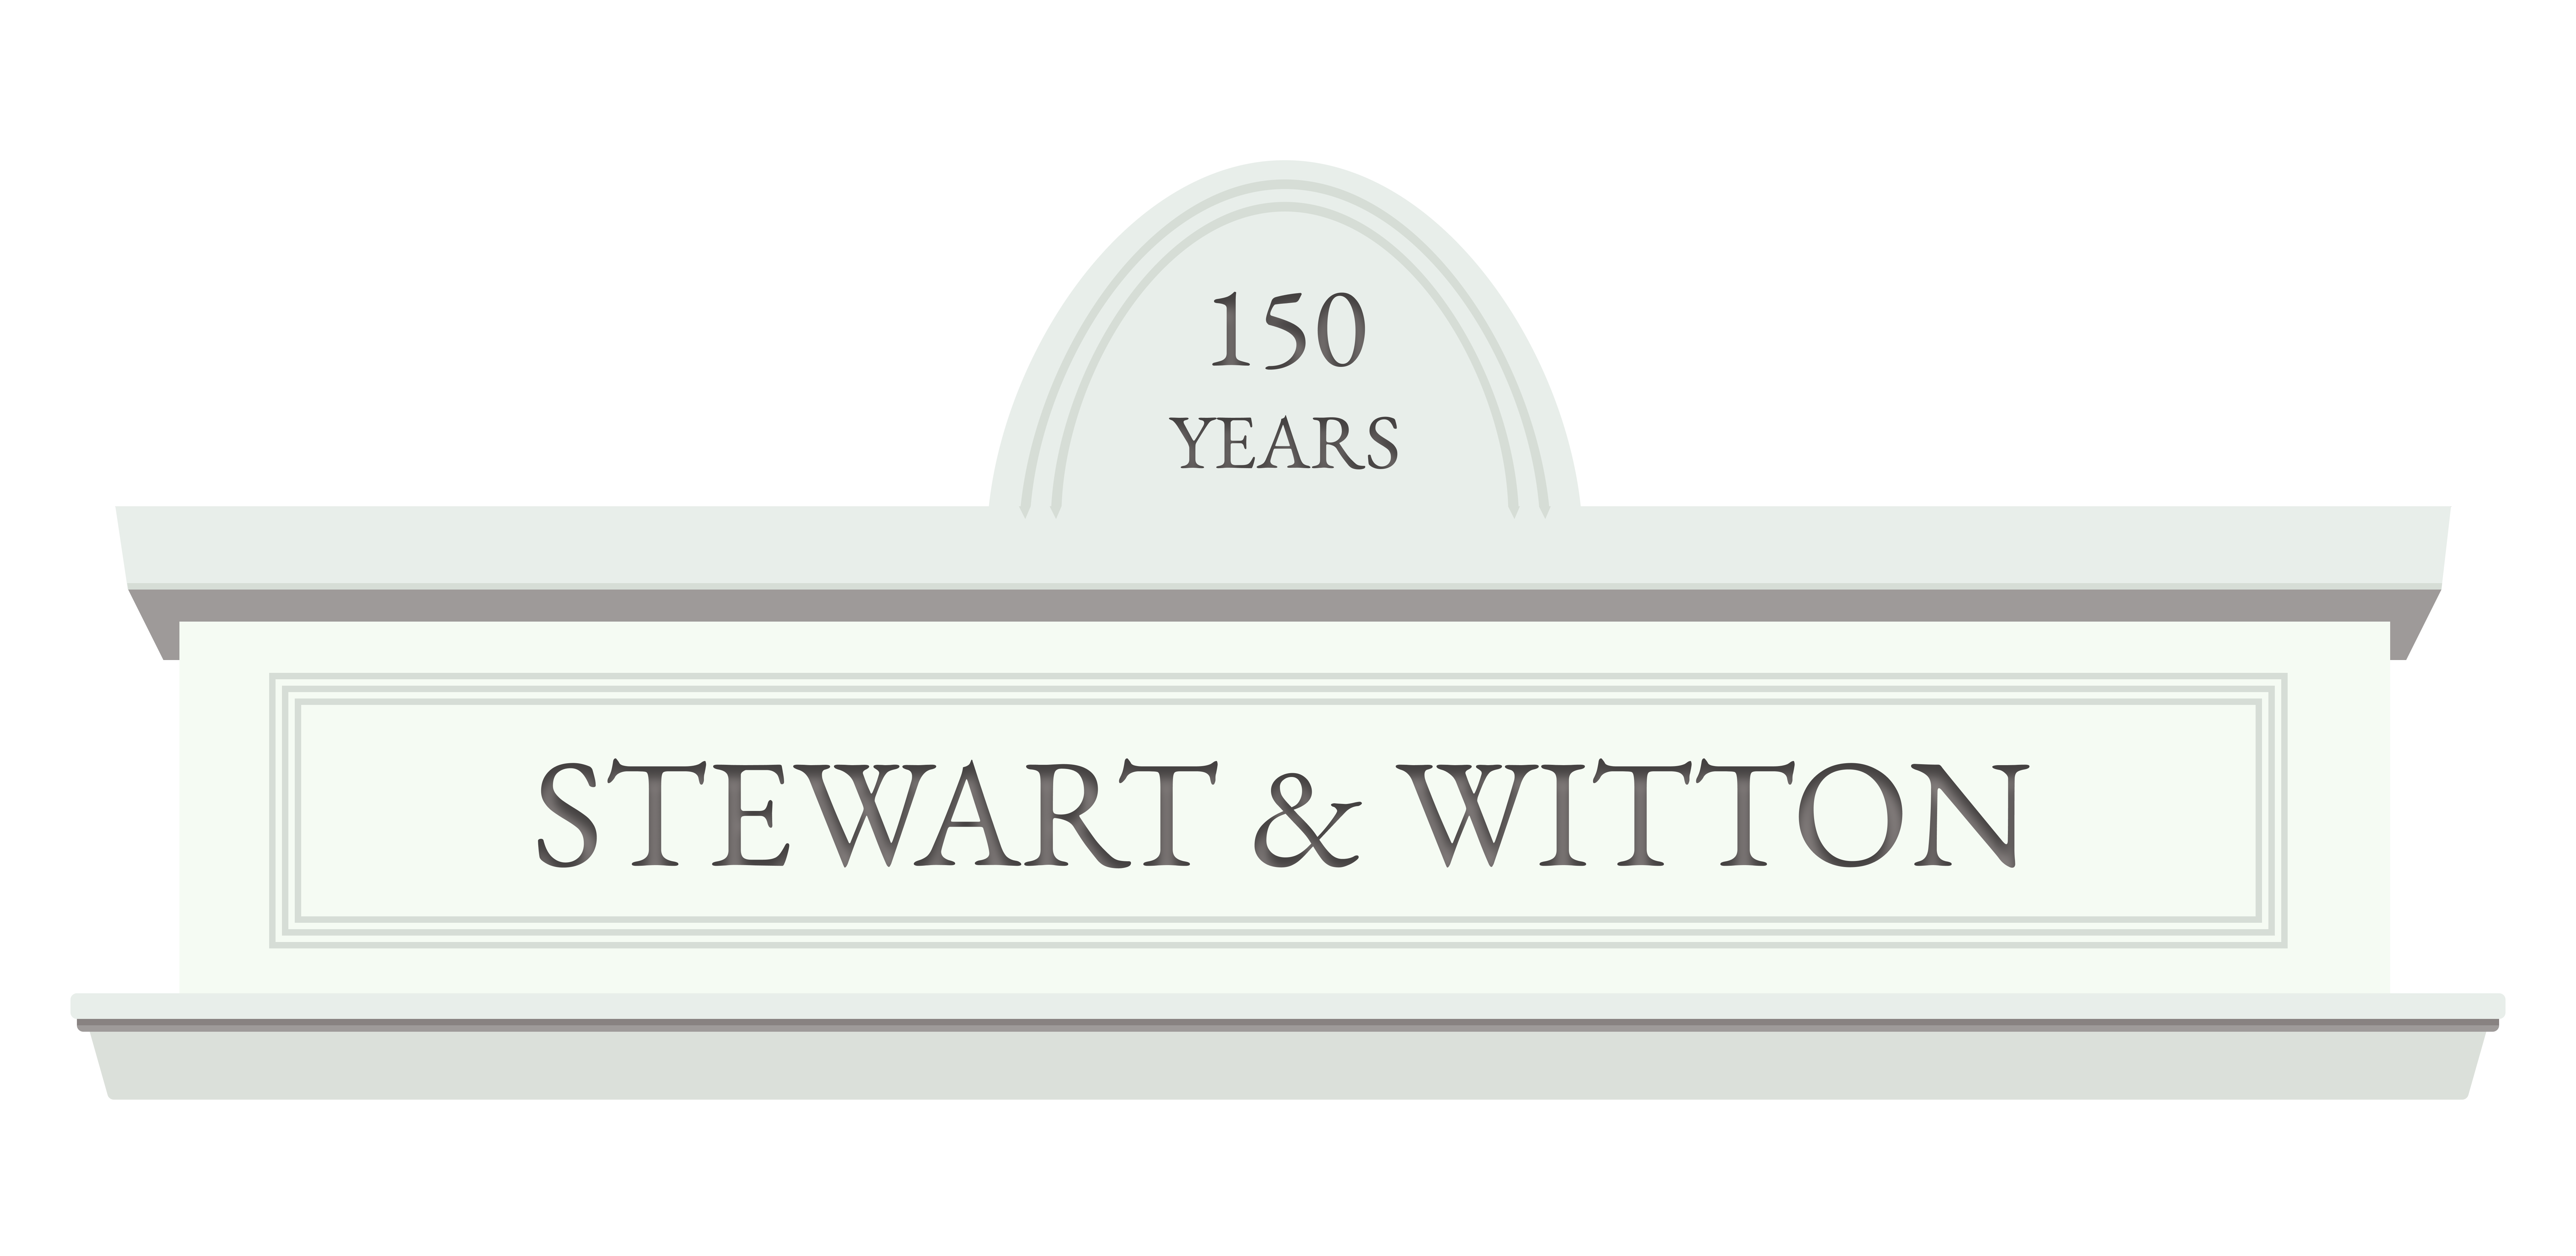 Logo graphic: STEWART & WITTON – 150 years